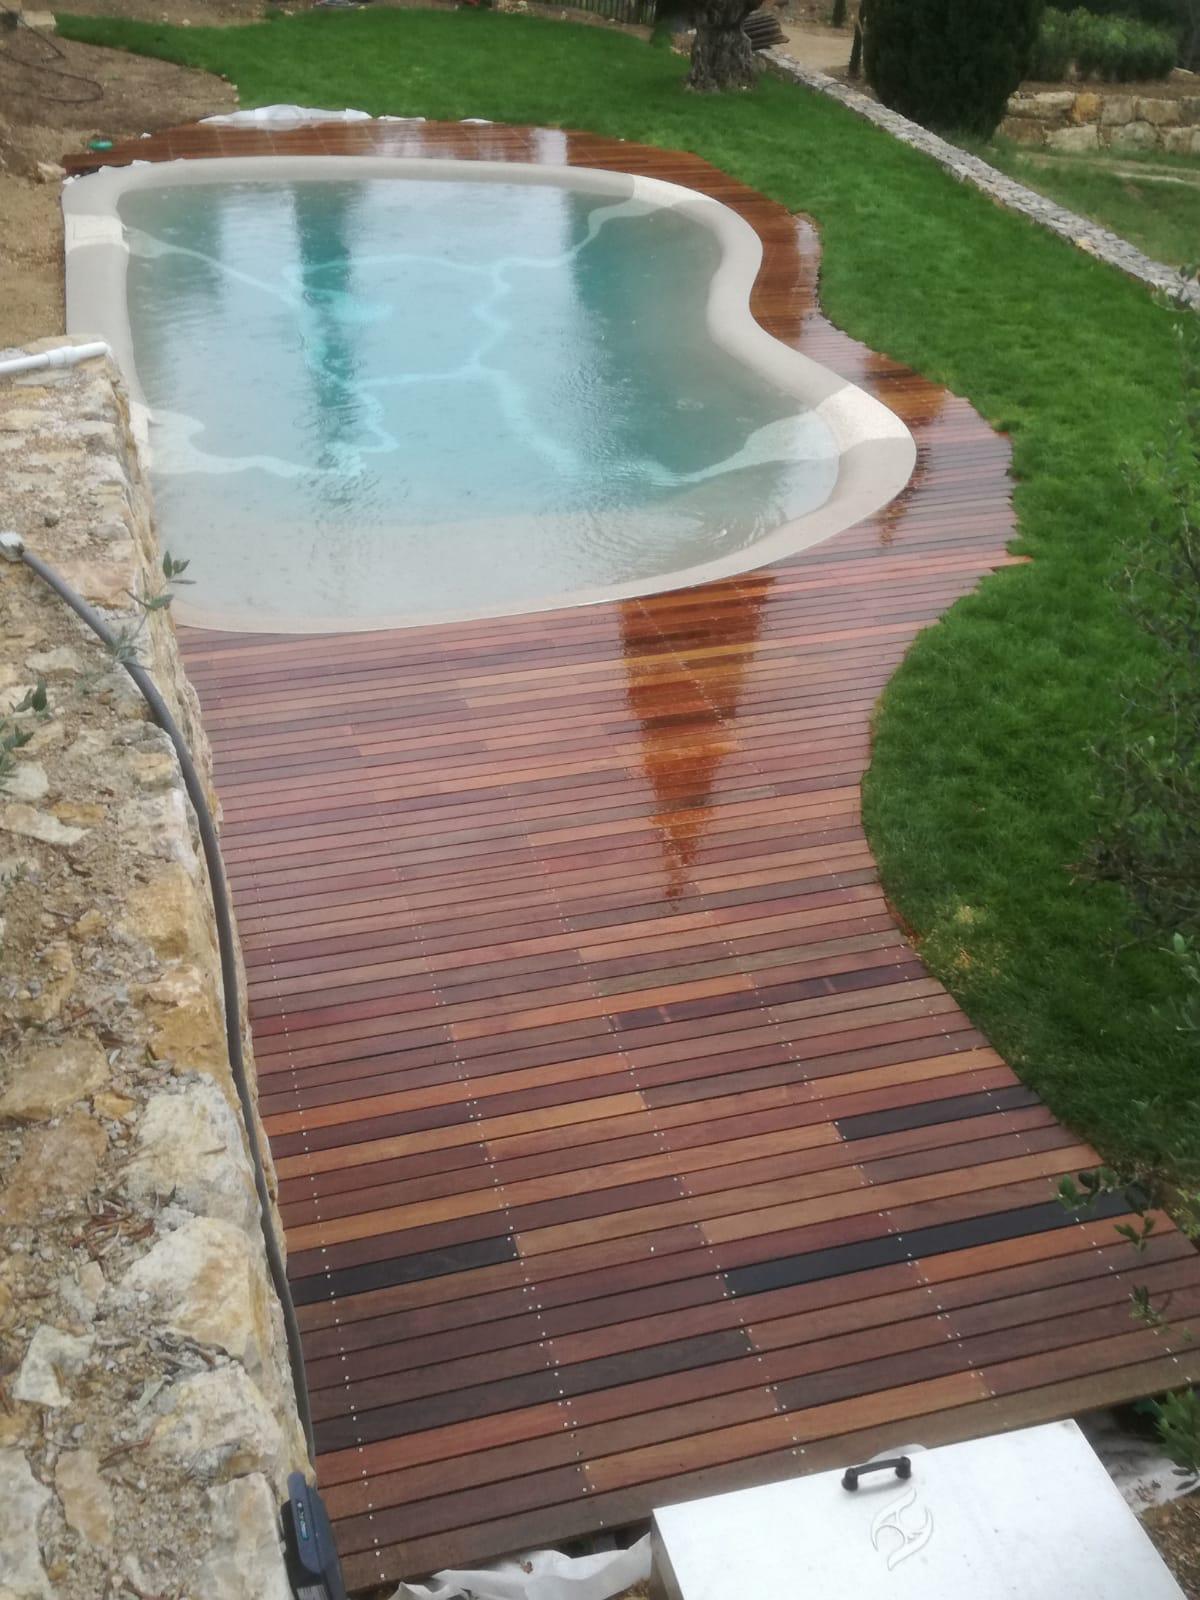 Terrasse en bois type Ipé autour d'une piscine